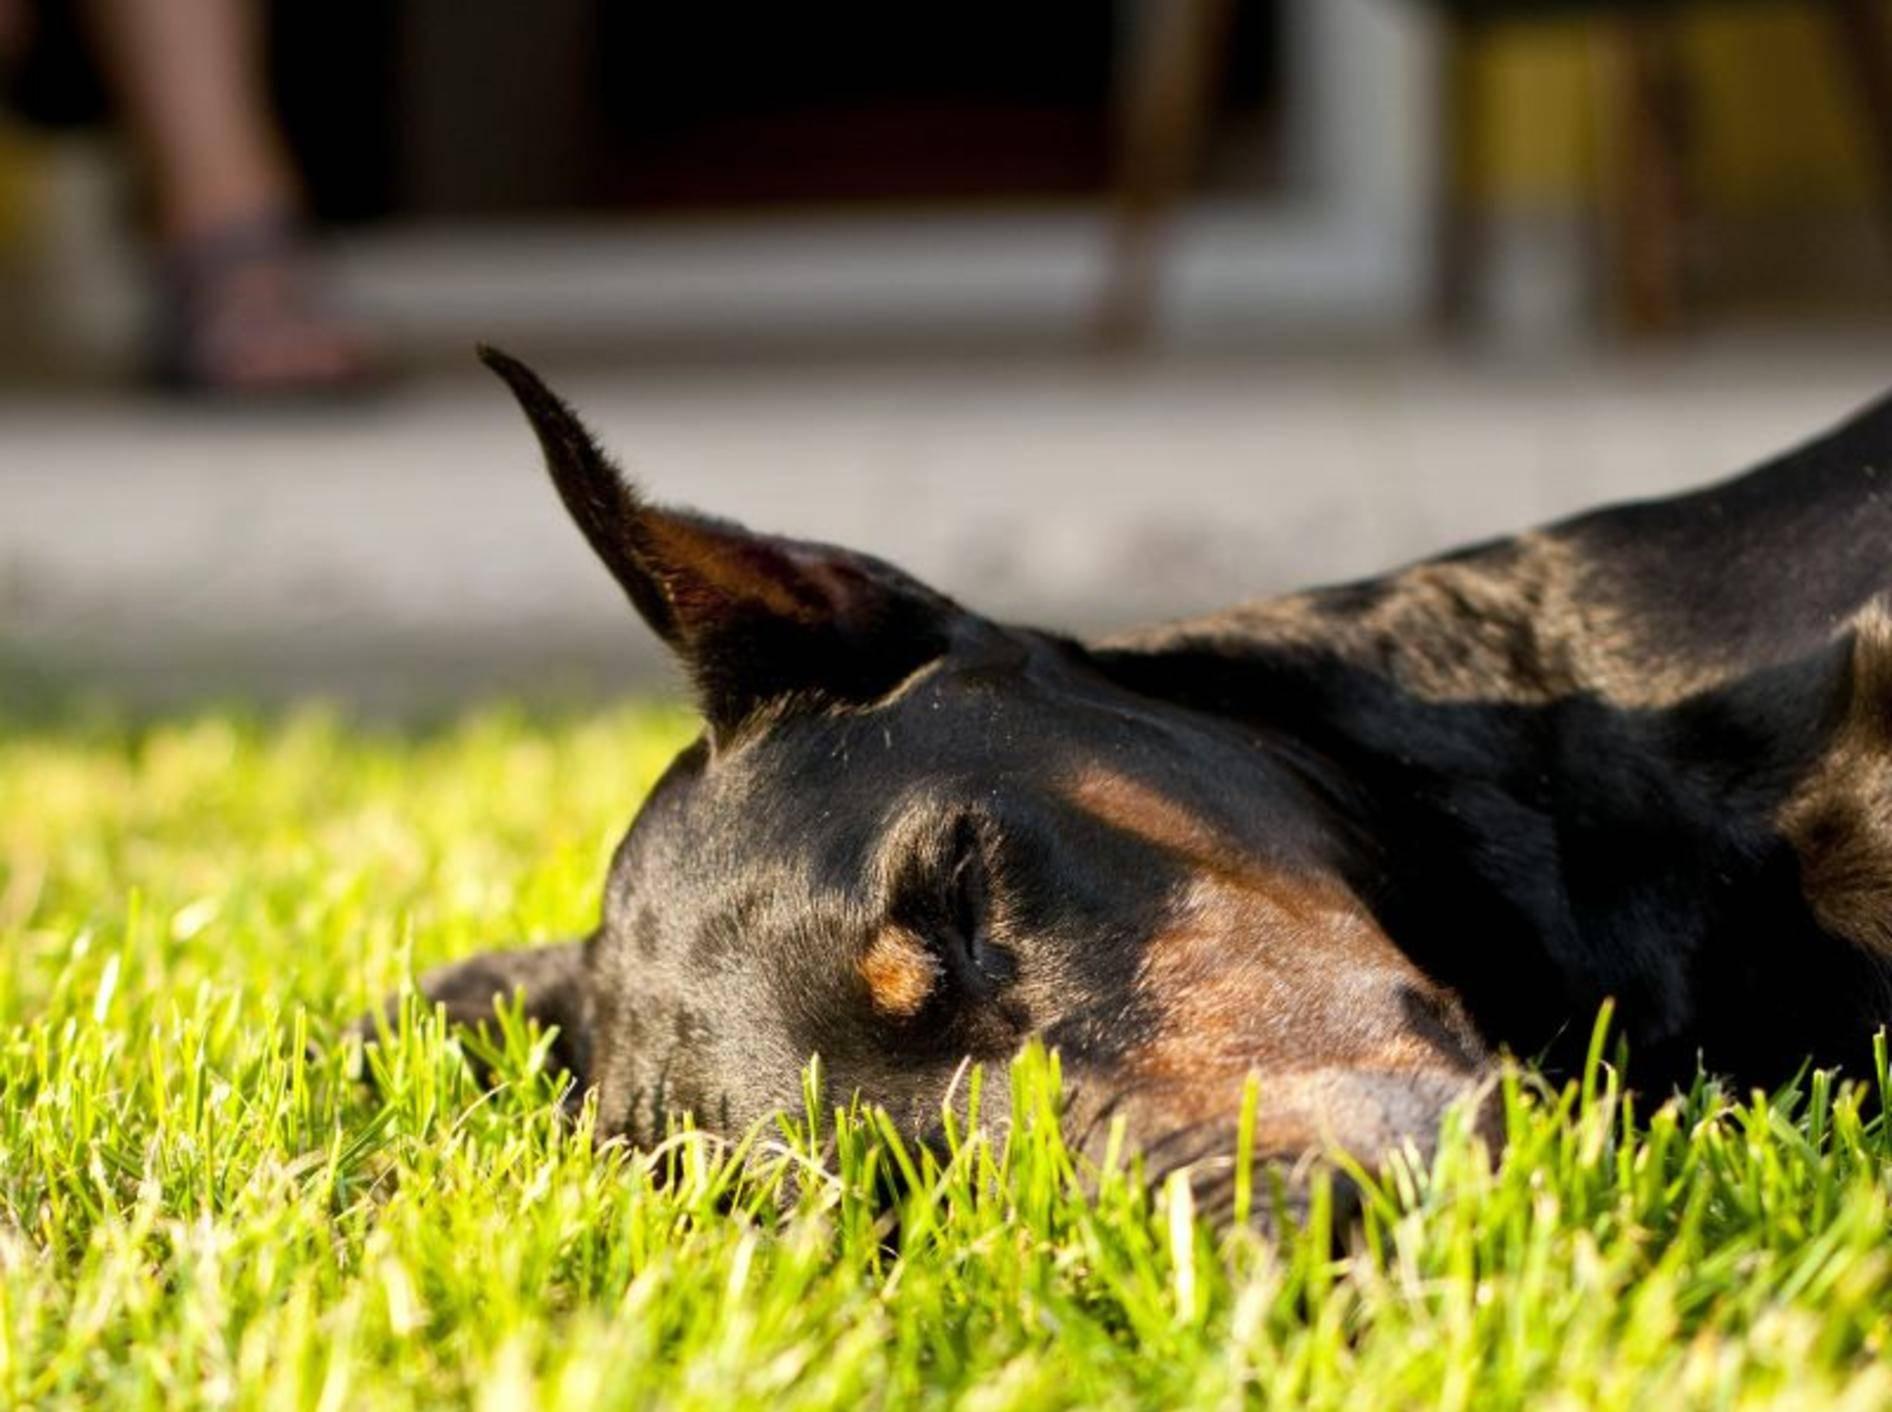 Ist ein Hund ständig müde, kann eine Schilddrüsenunterfunktion dafür verantwortlich sein – Bild: Shutterstock / Bartek Lichocki